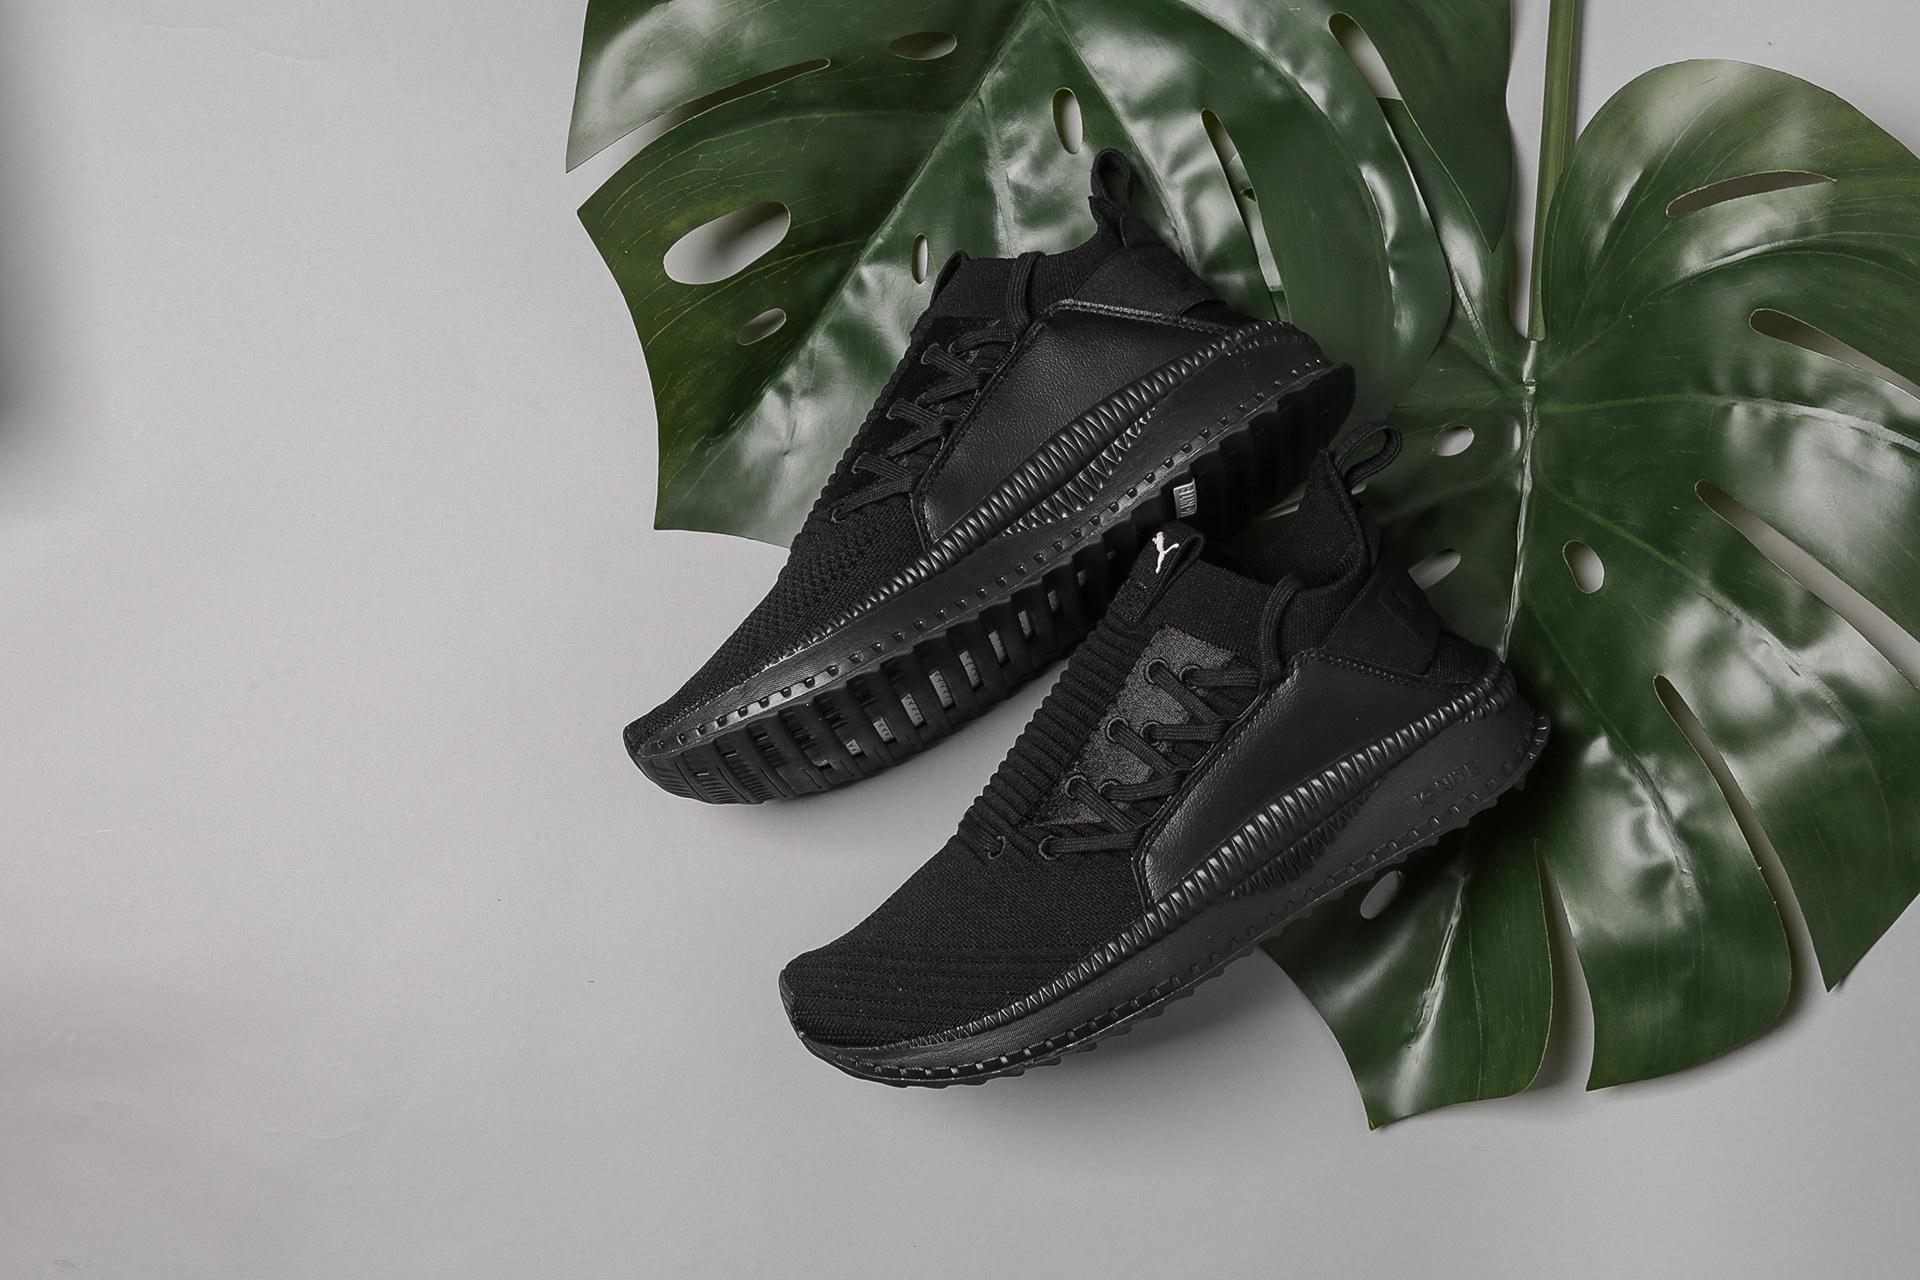 92792d72 Купить черные мужские кроссовки TSUGI Jun от PUMA (36548901) по цене ...